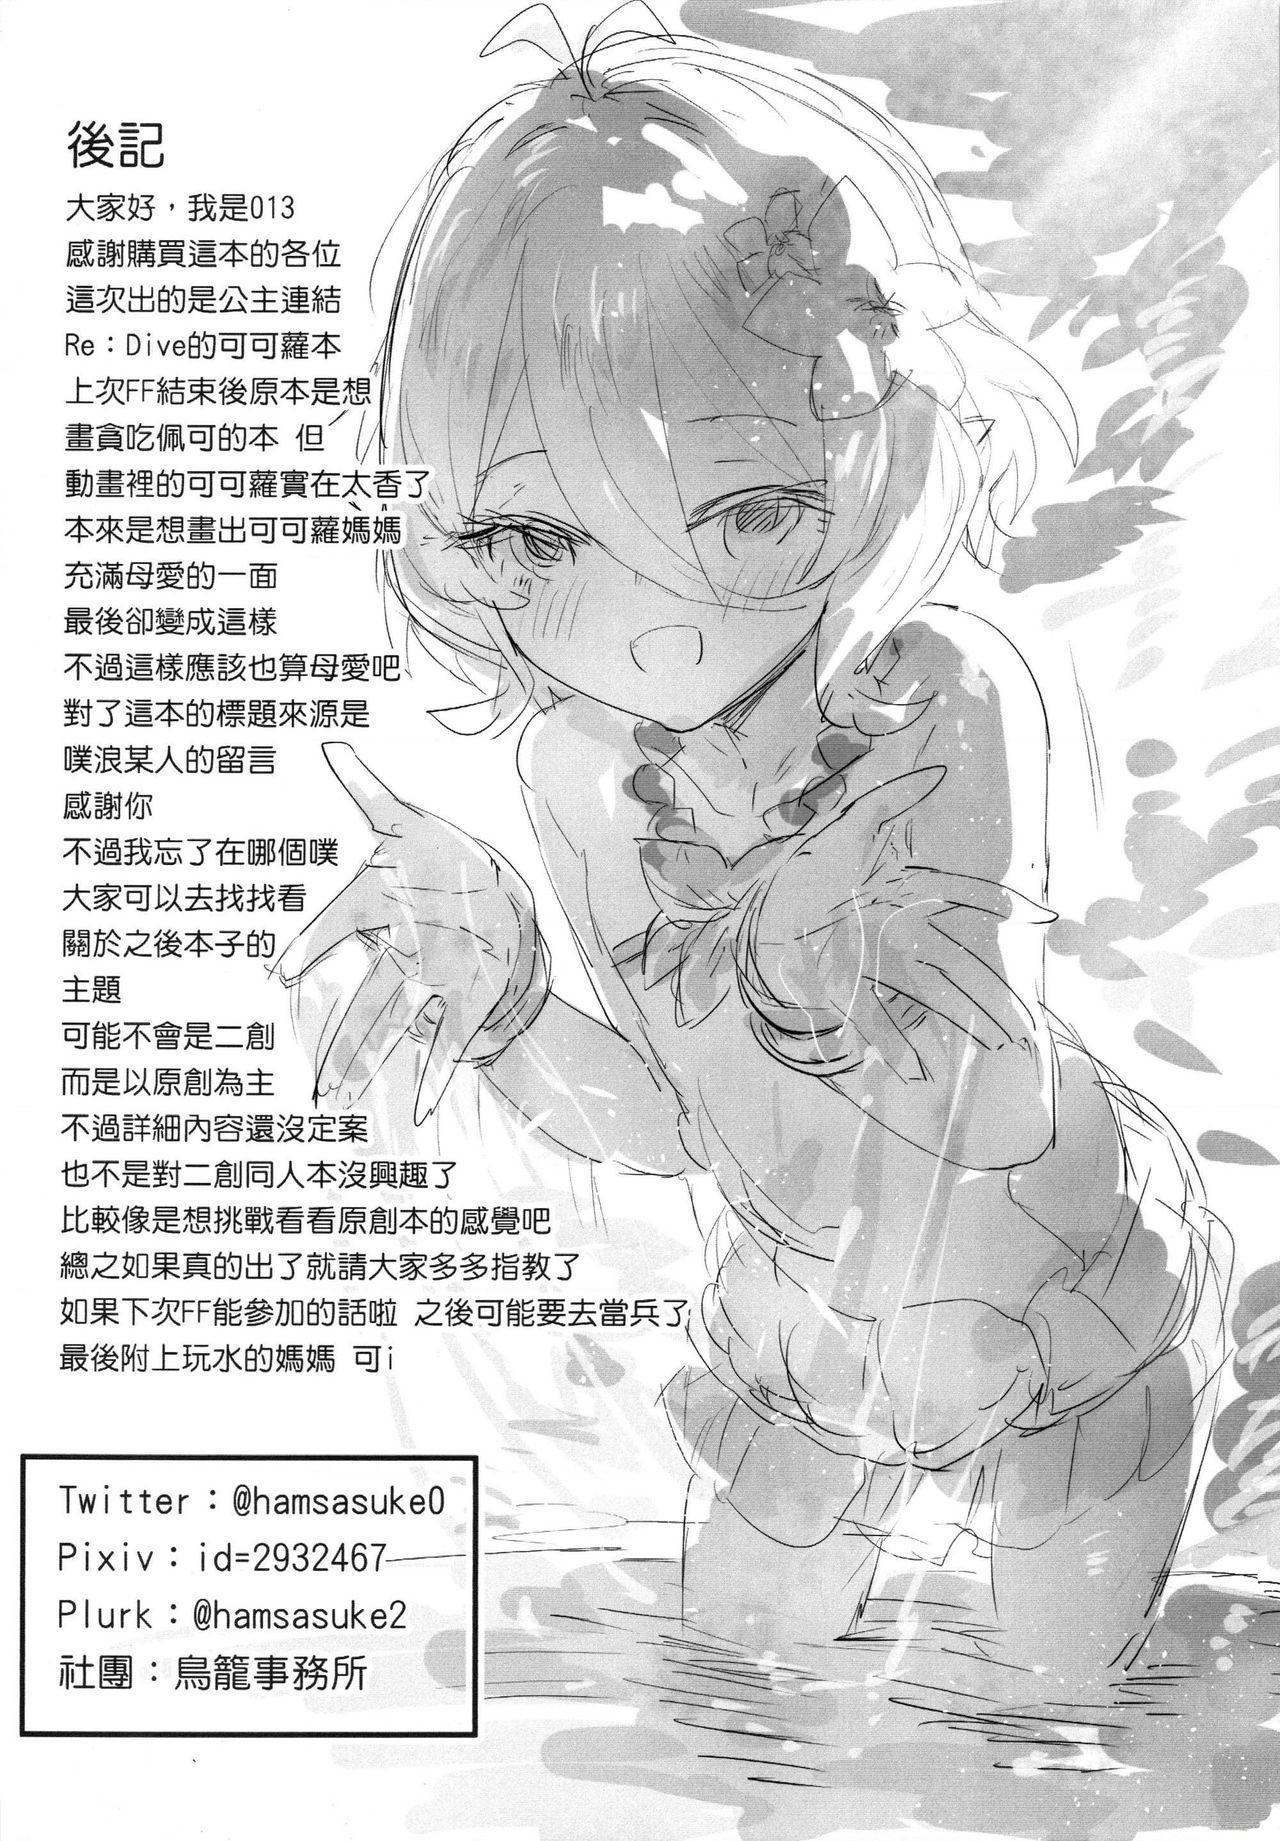 【台灣FF36】 [鳥籠事務所(013)] 小小佑樹需要媽媽的管理 (Princess Connect! Re:Dive) [Chinese] [切嚕系女子個人搬運] [Decensored] 25